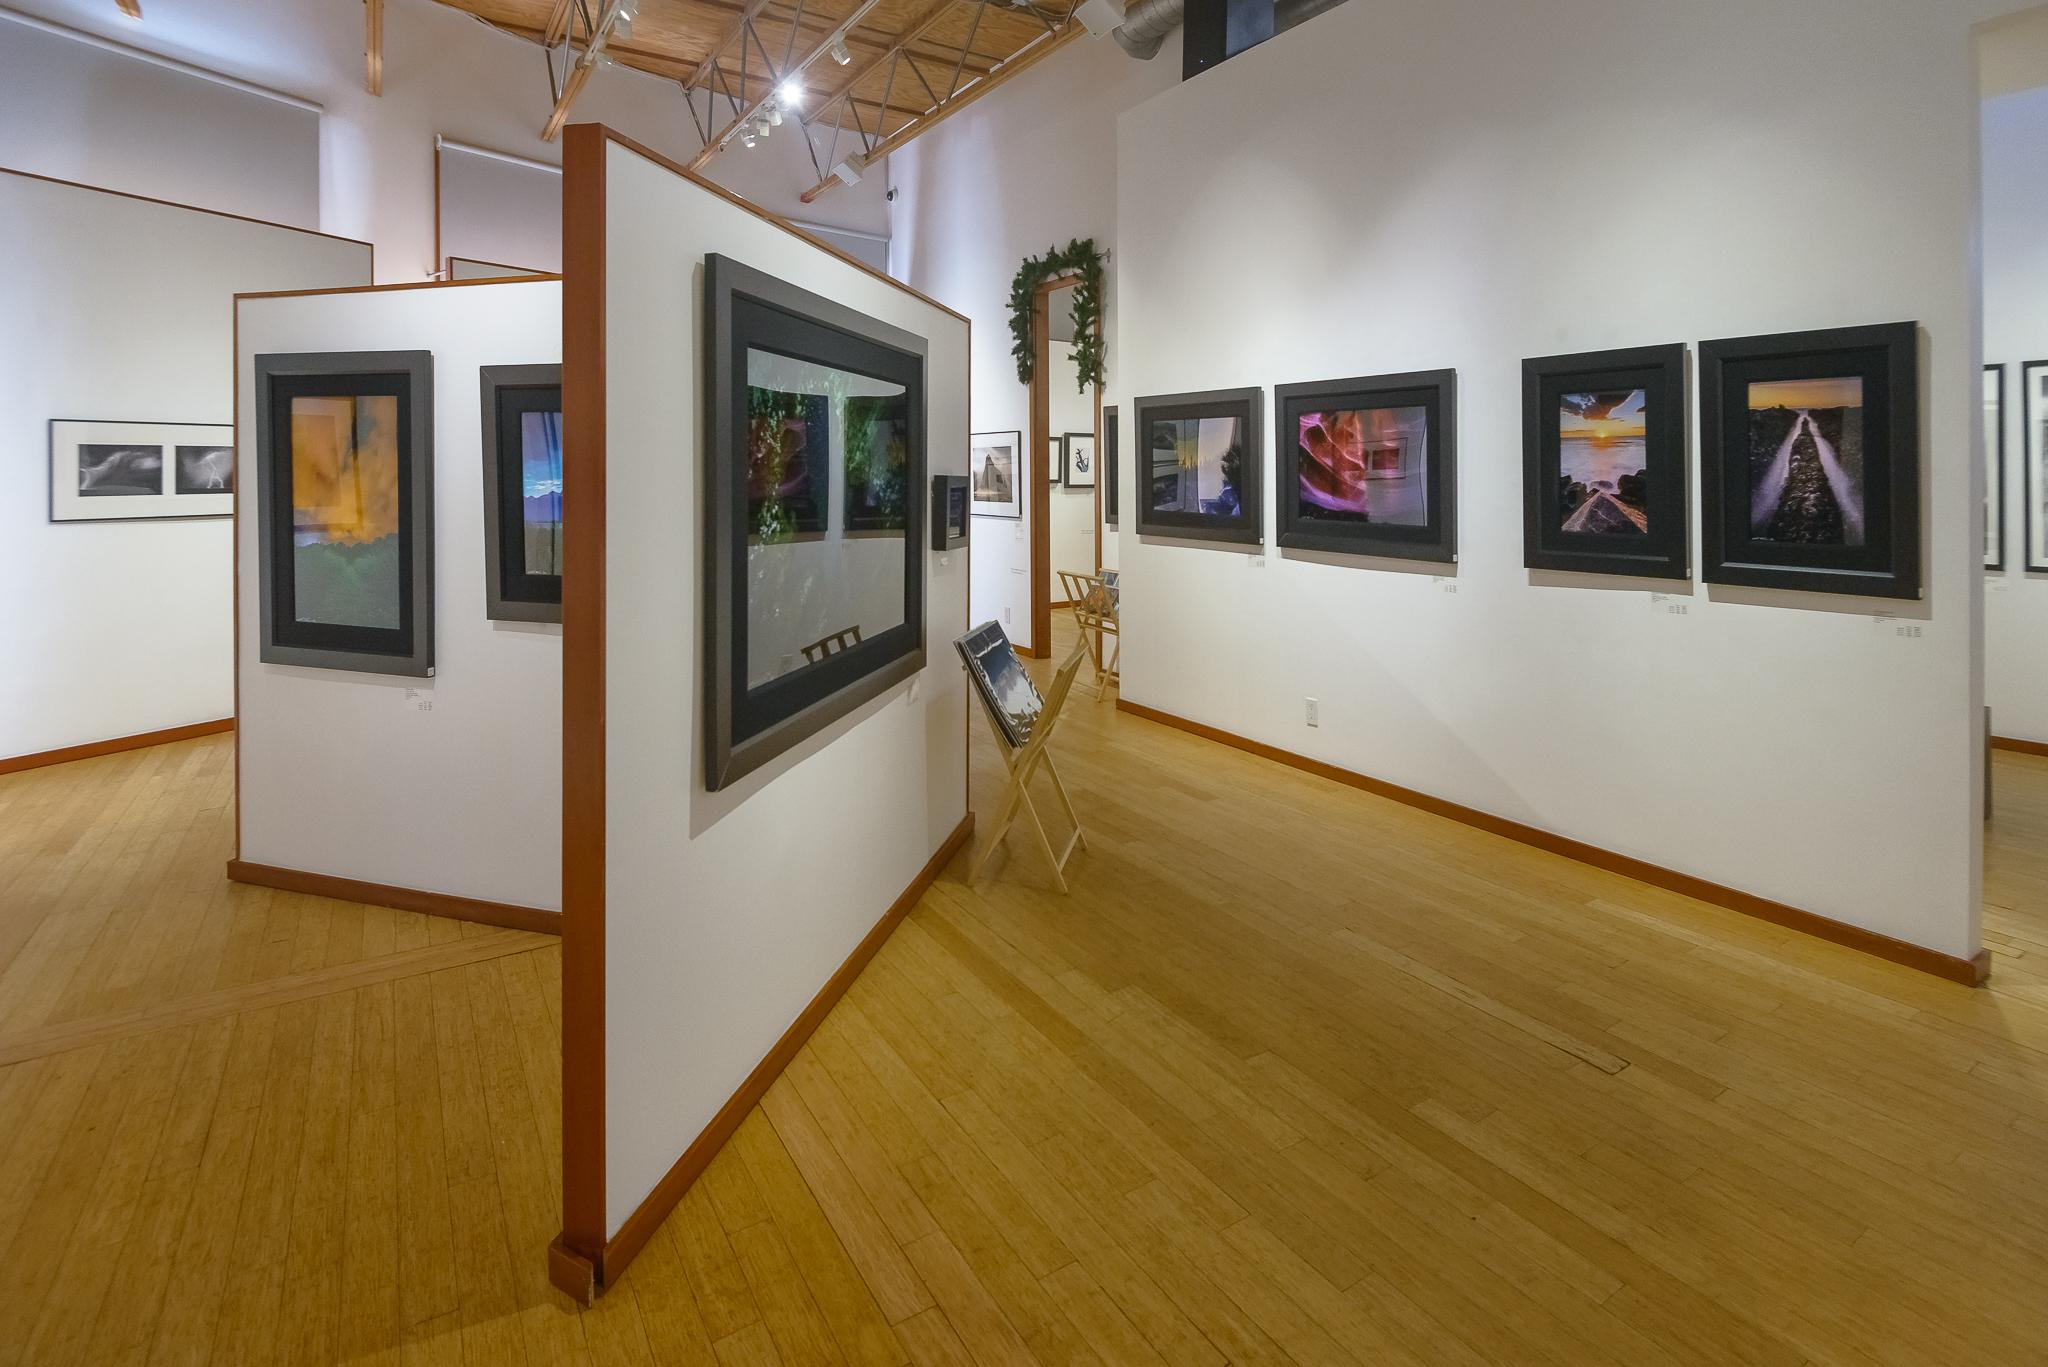 g2_gallery_emerging_exhibit2.jpg